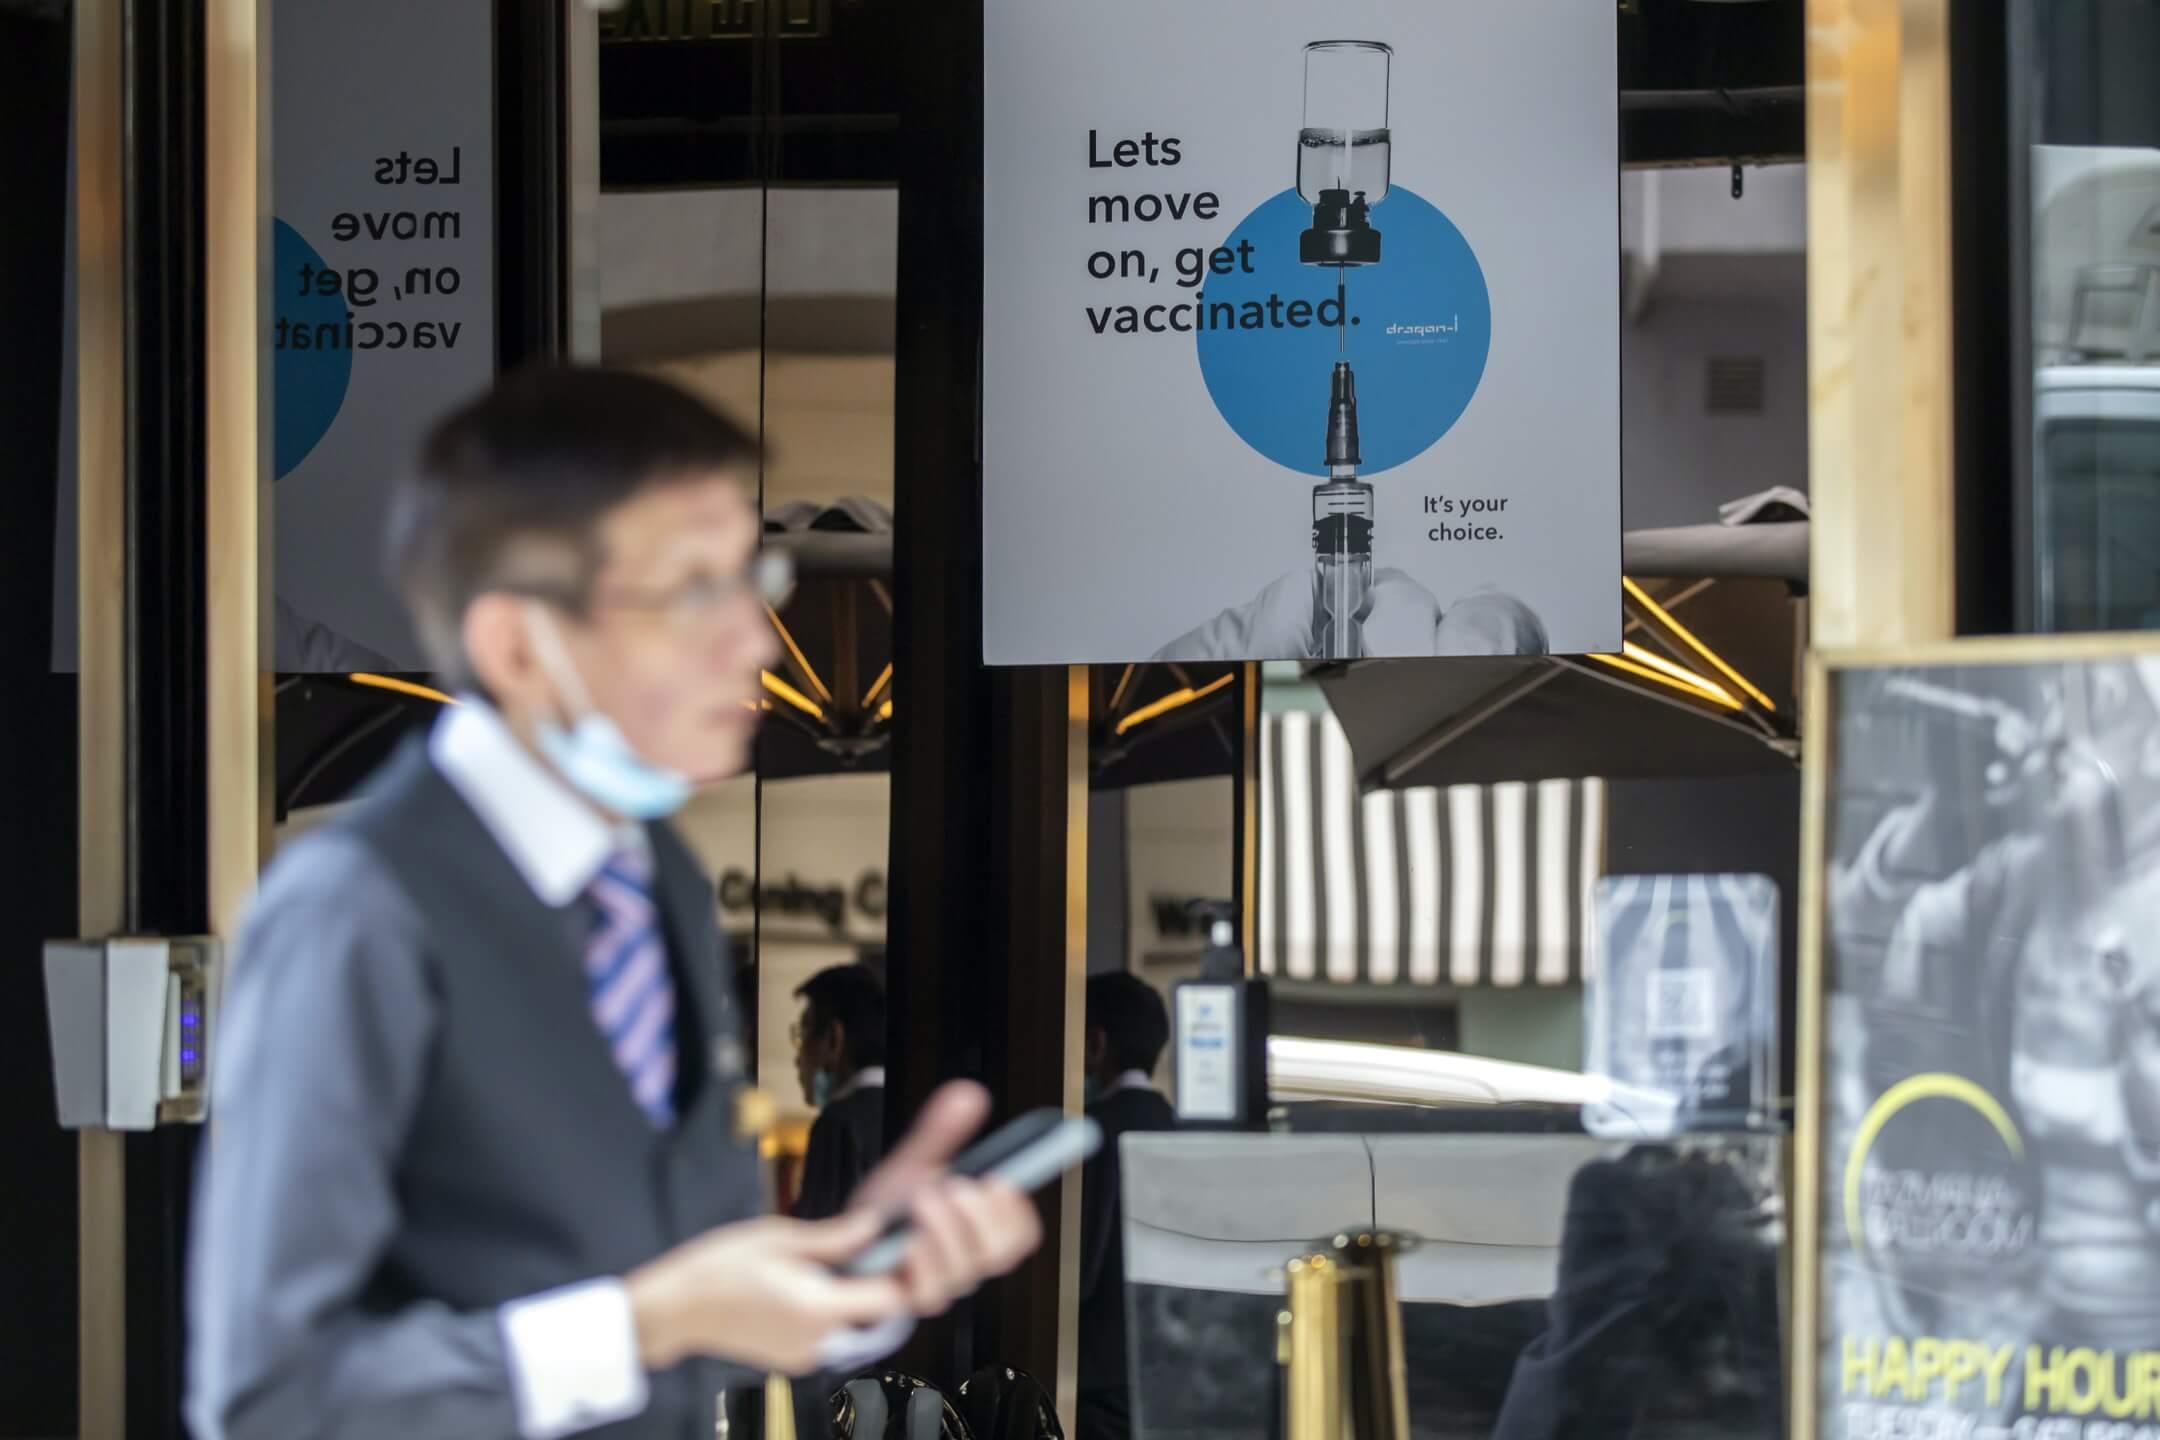 2021年4月19日,香港蘭桂坊的酒吧門外,貼上一張鼓勵市民接種疫苗的海報。 攝:Paul Yeung/Bloomberg via Getty Images